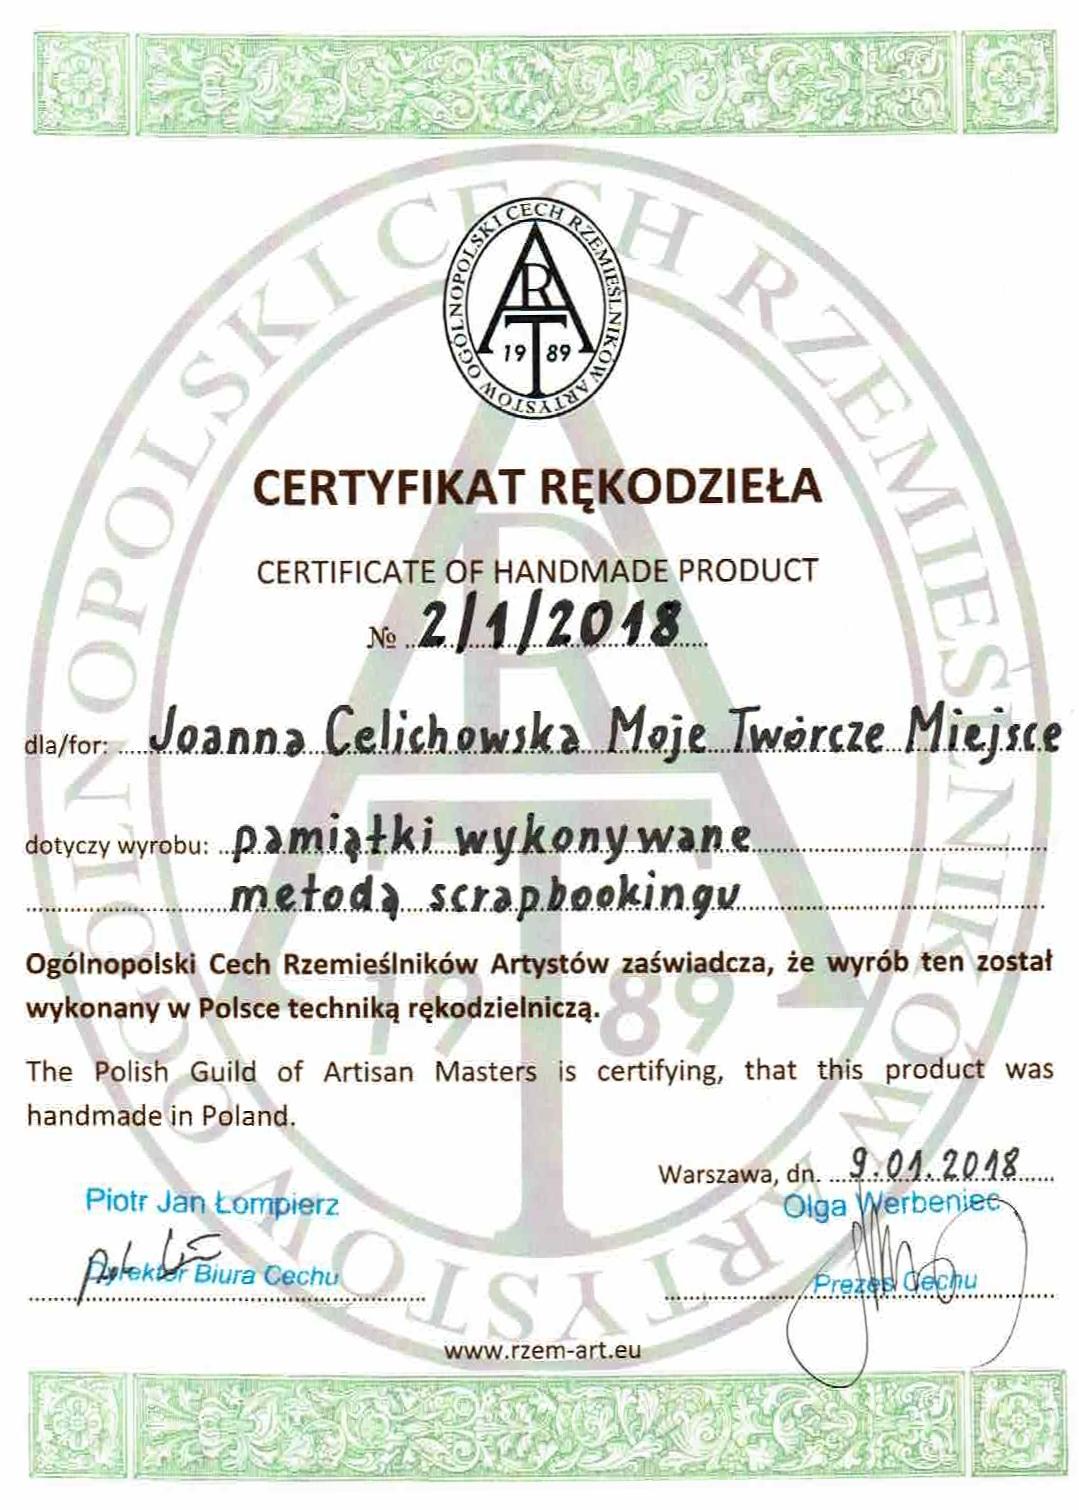 jakość wykonania poświadczona certyfikatem Ogólnopolskiego Cechu Rzemieślników Artystów